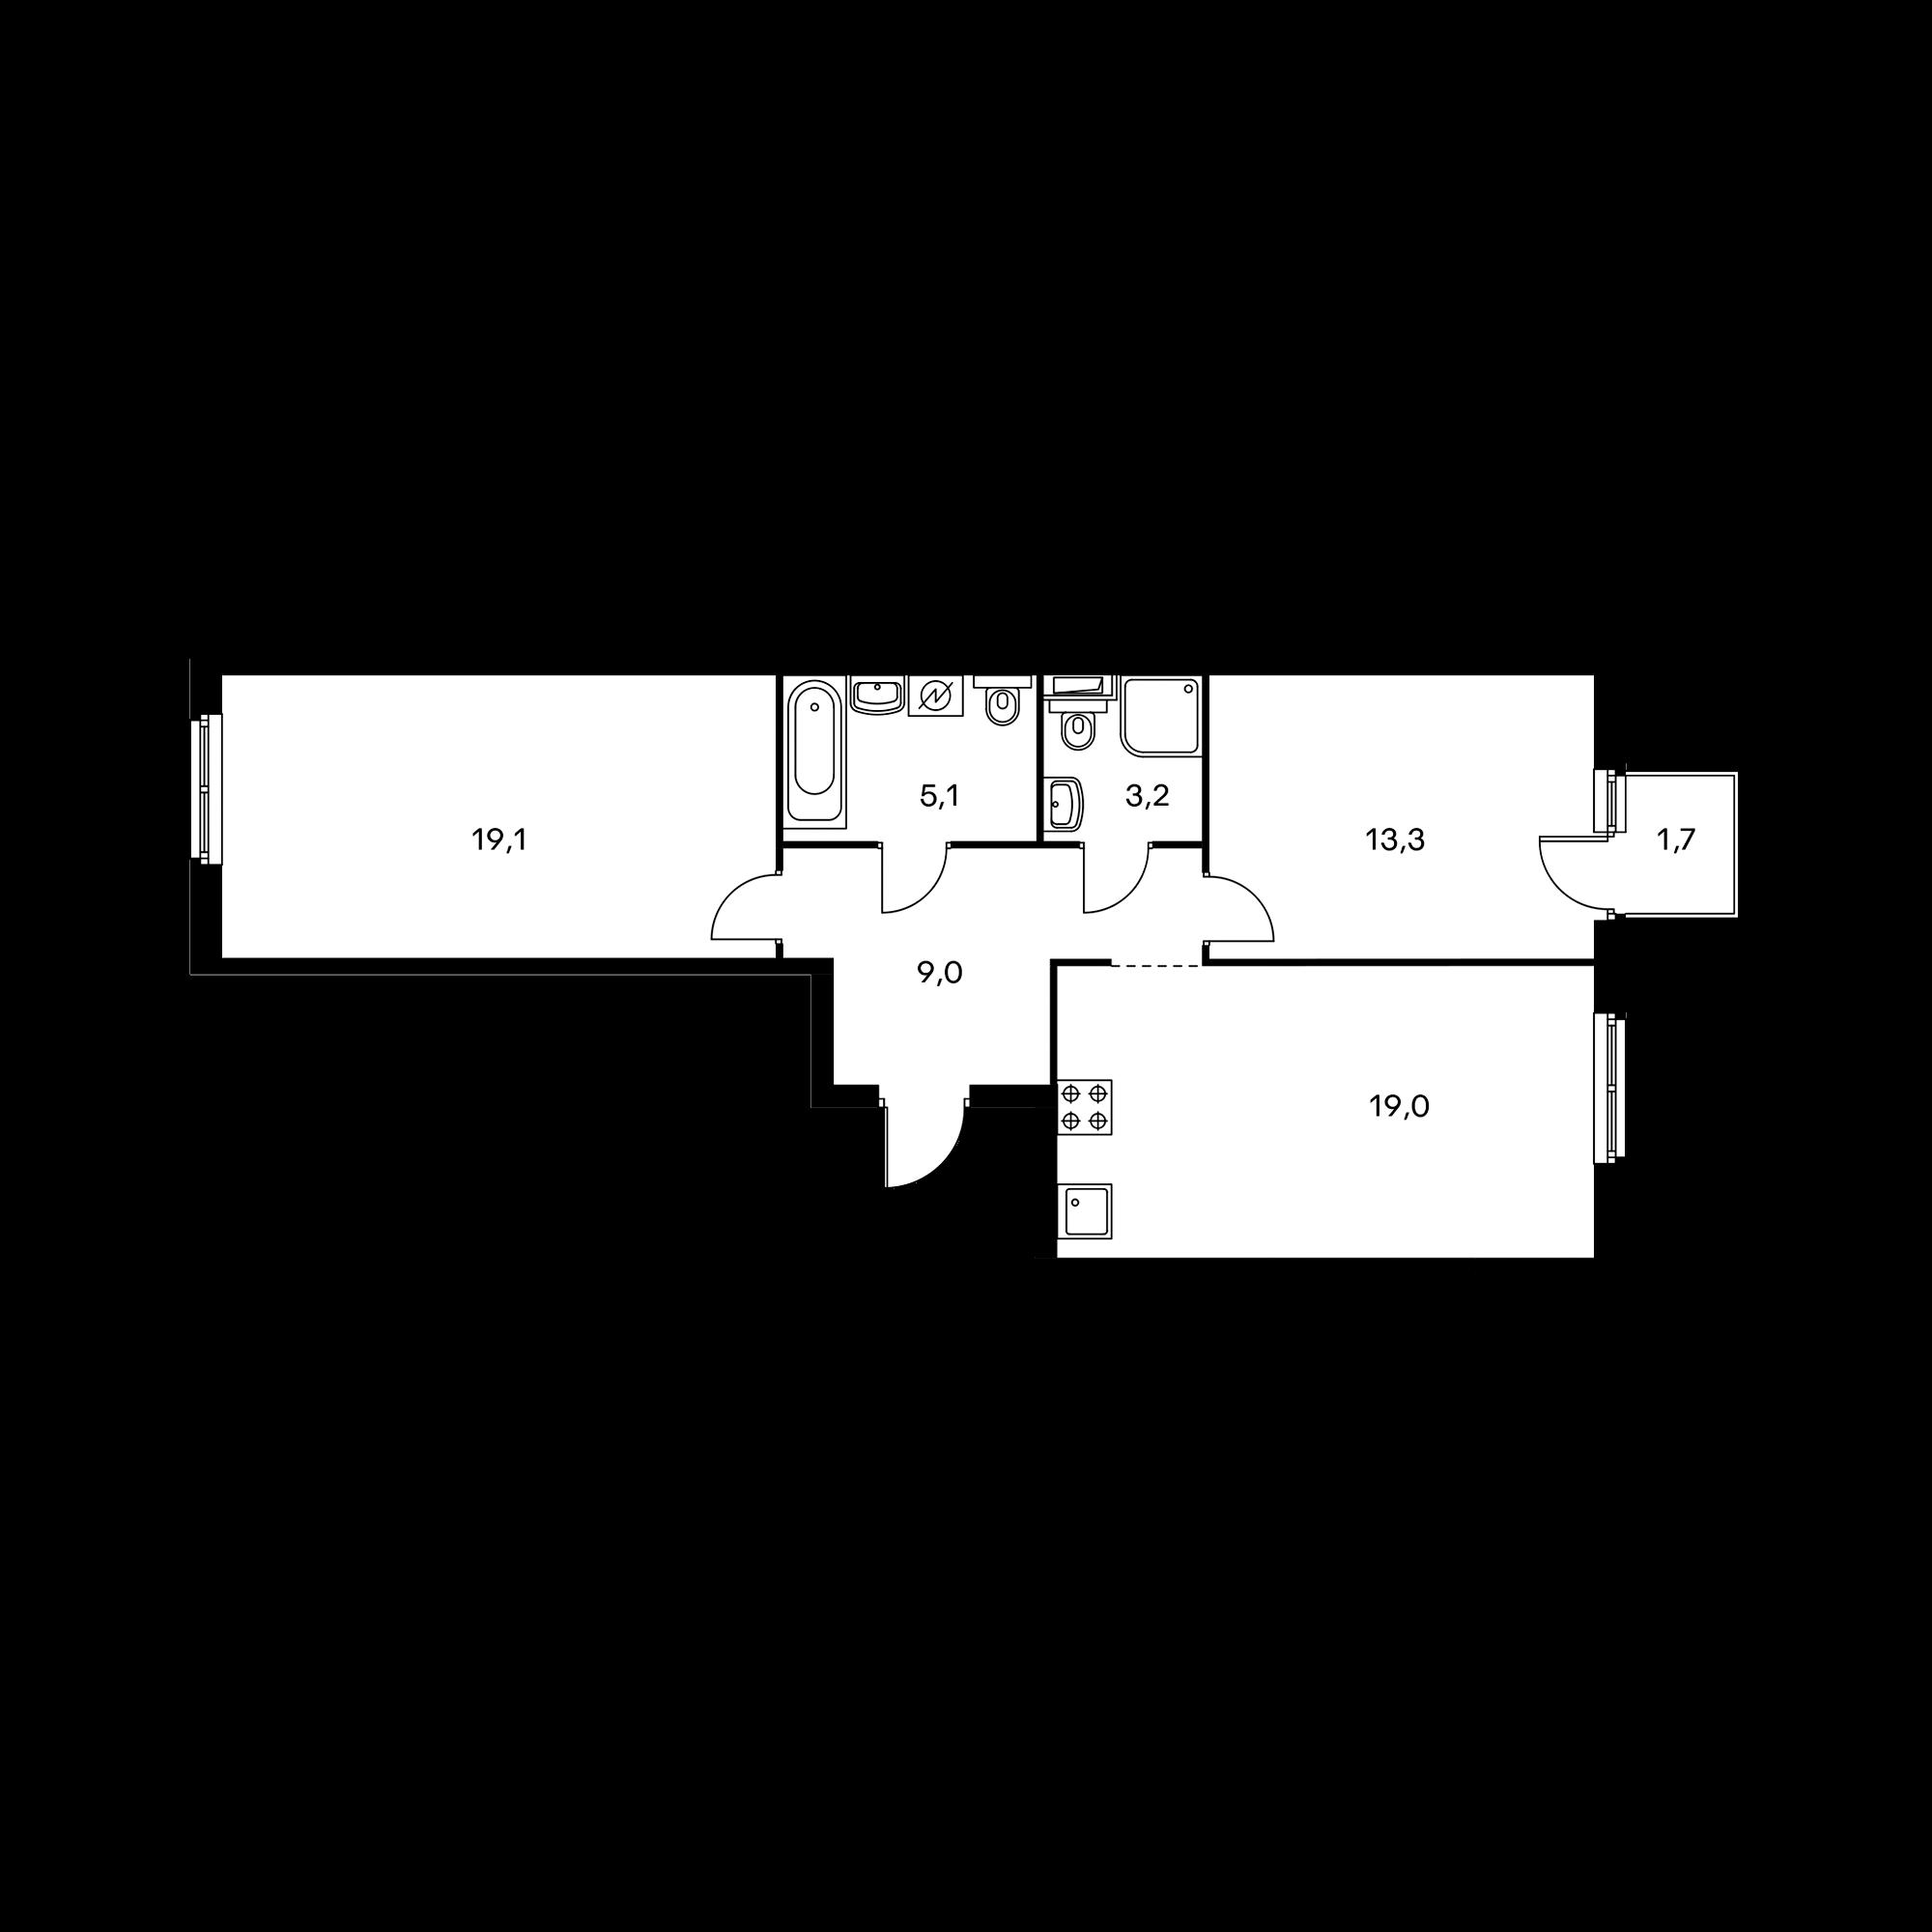 2EL3_6.6-B1